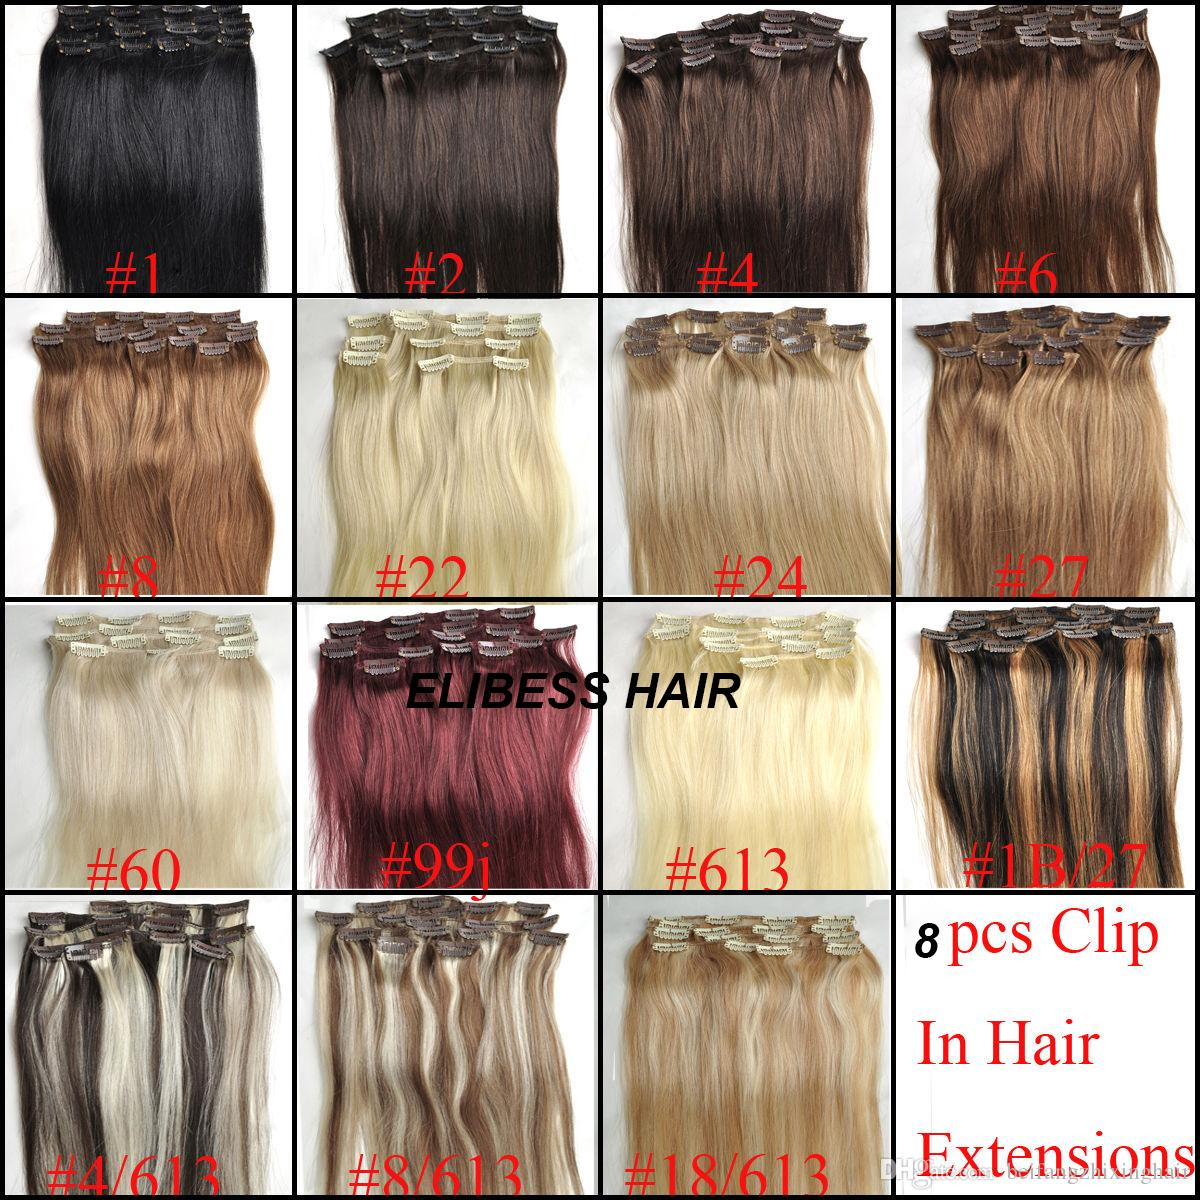 100g / pc 8 pc / set 100% cabelo humano real / lndian grampos de cabelo em extensões real direto da cabeça cheia de qualidade superior dhl livre